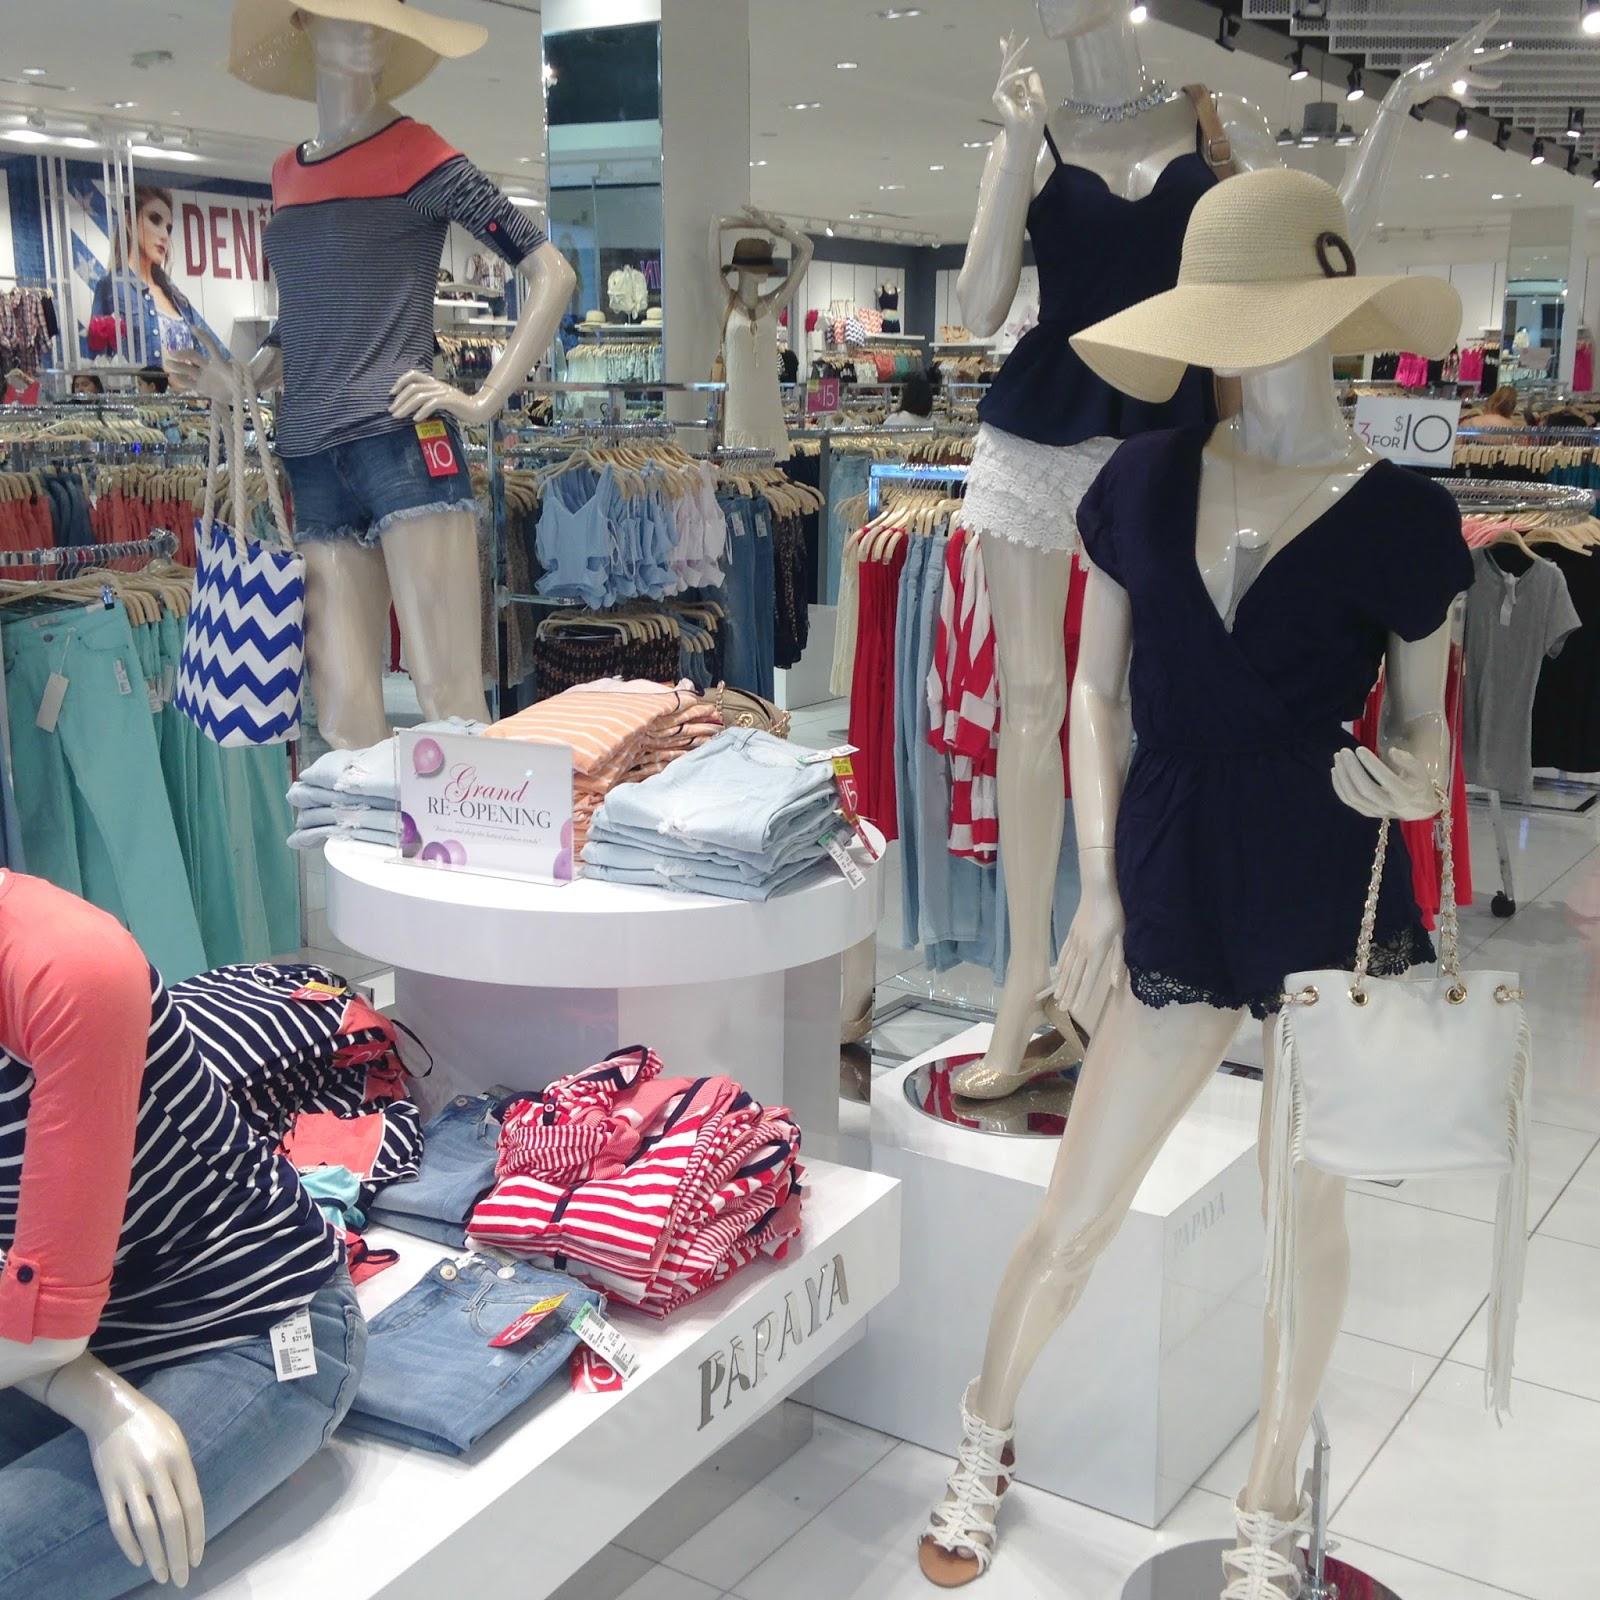 Papaya clothing stores